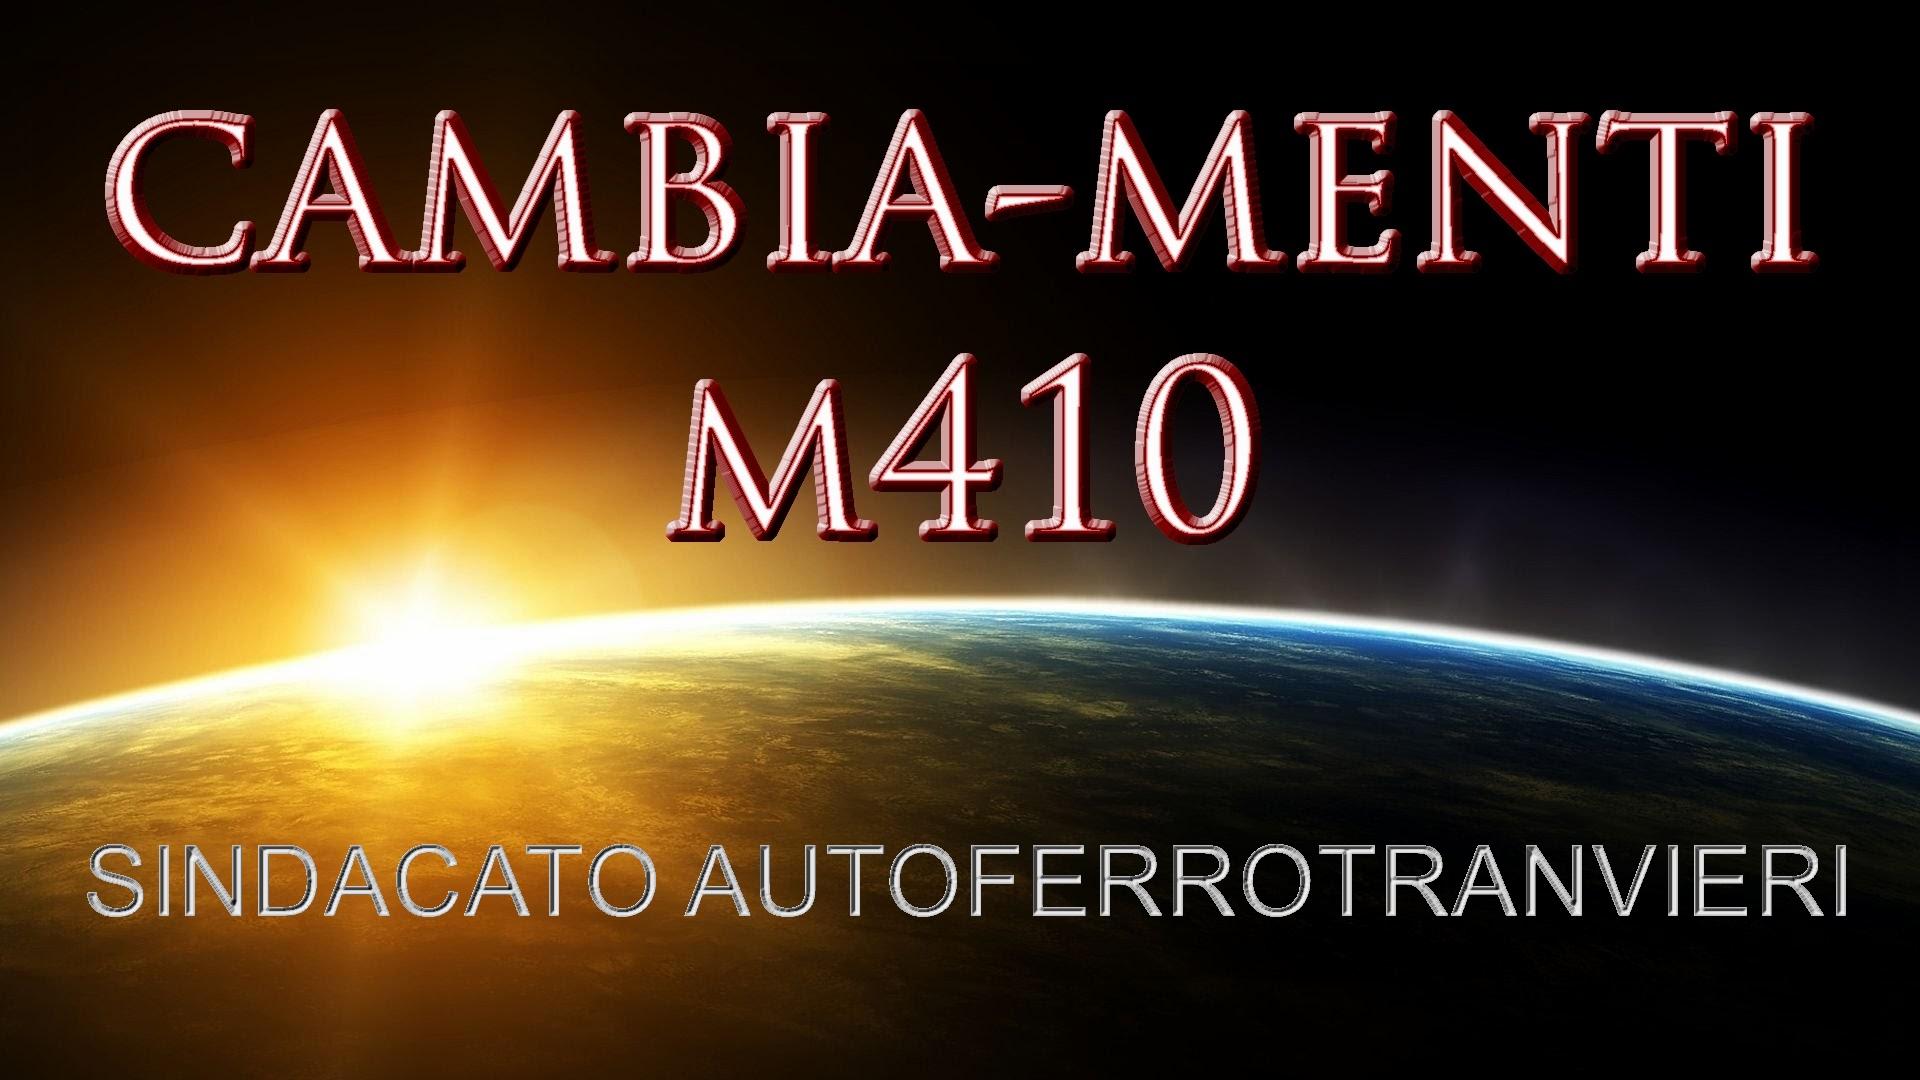 Cambiamenti M410